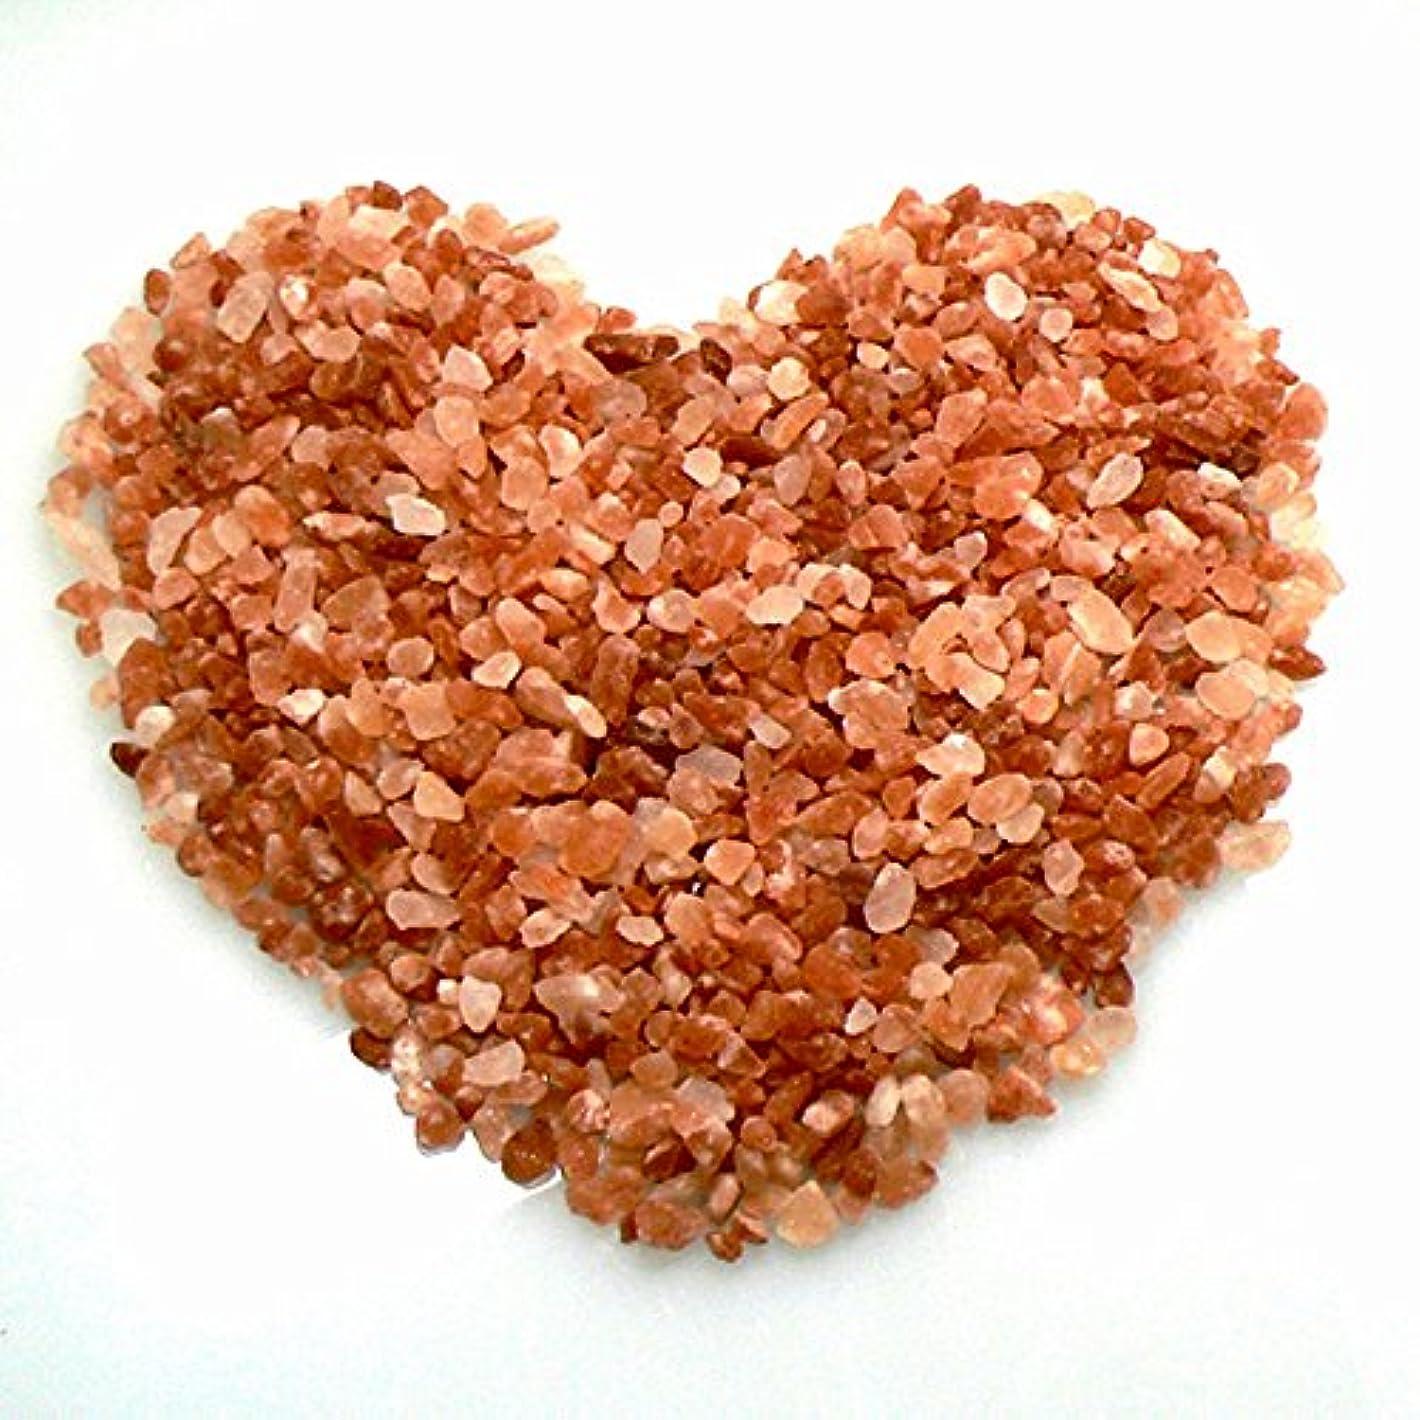 パフエイリアンおめでとうヒマラヤ岩塩 ピンクソルト 入浴用 バスソルト(小粒)3kg ピンク岩塩